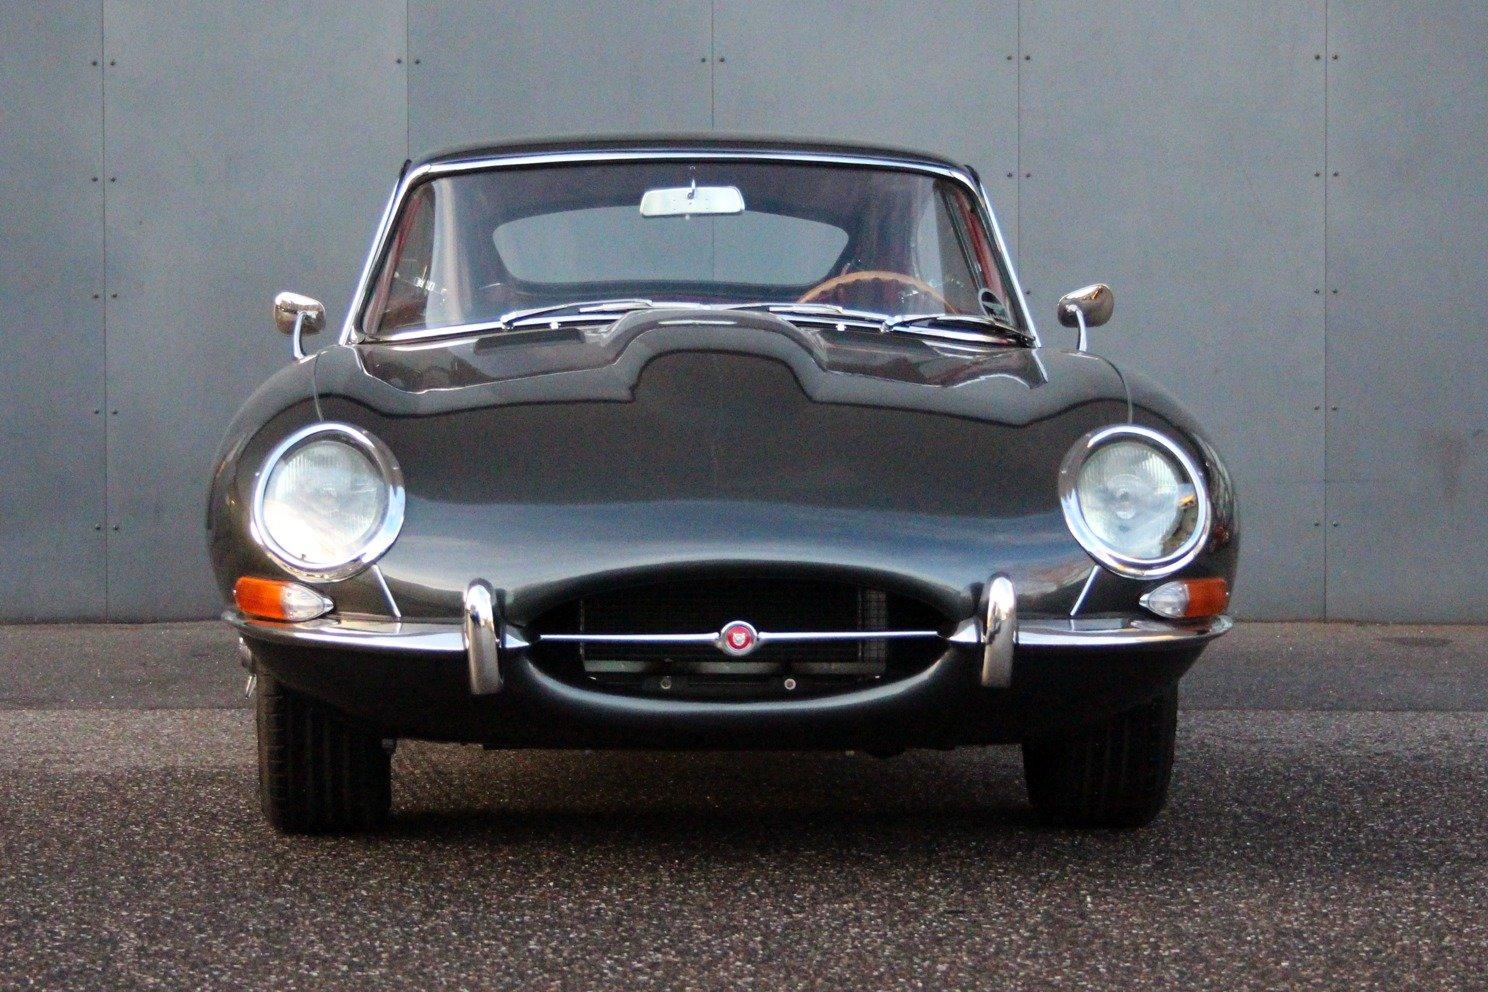 1962 Jaguar E-Type SI 3.8 Litre Coupé For Sale (picture 6 of 6)